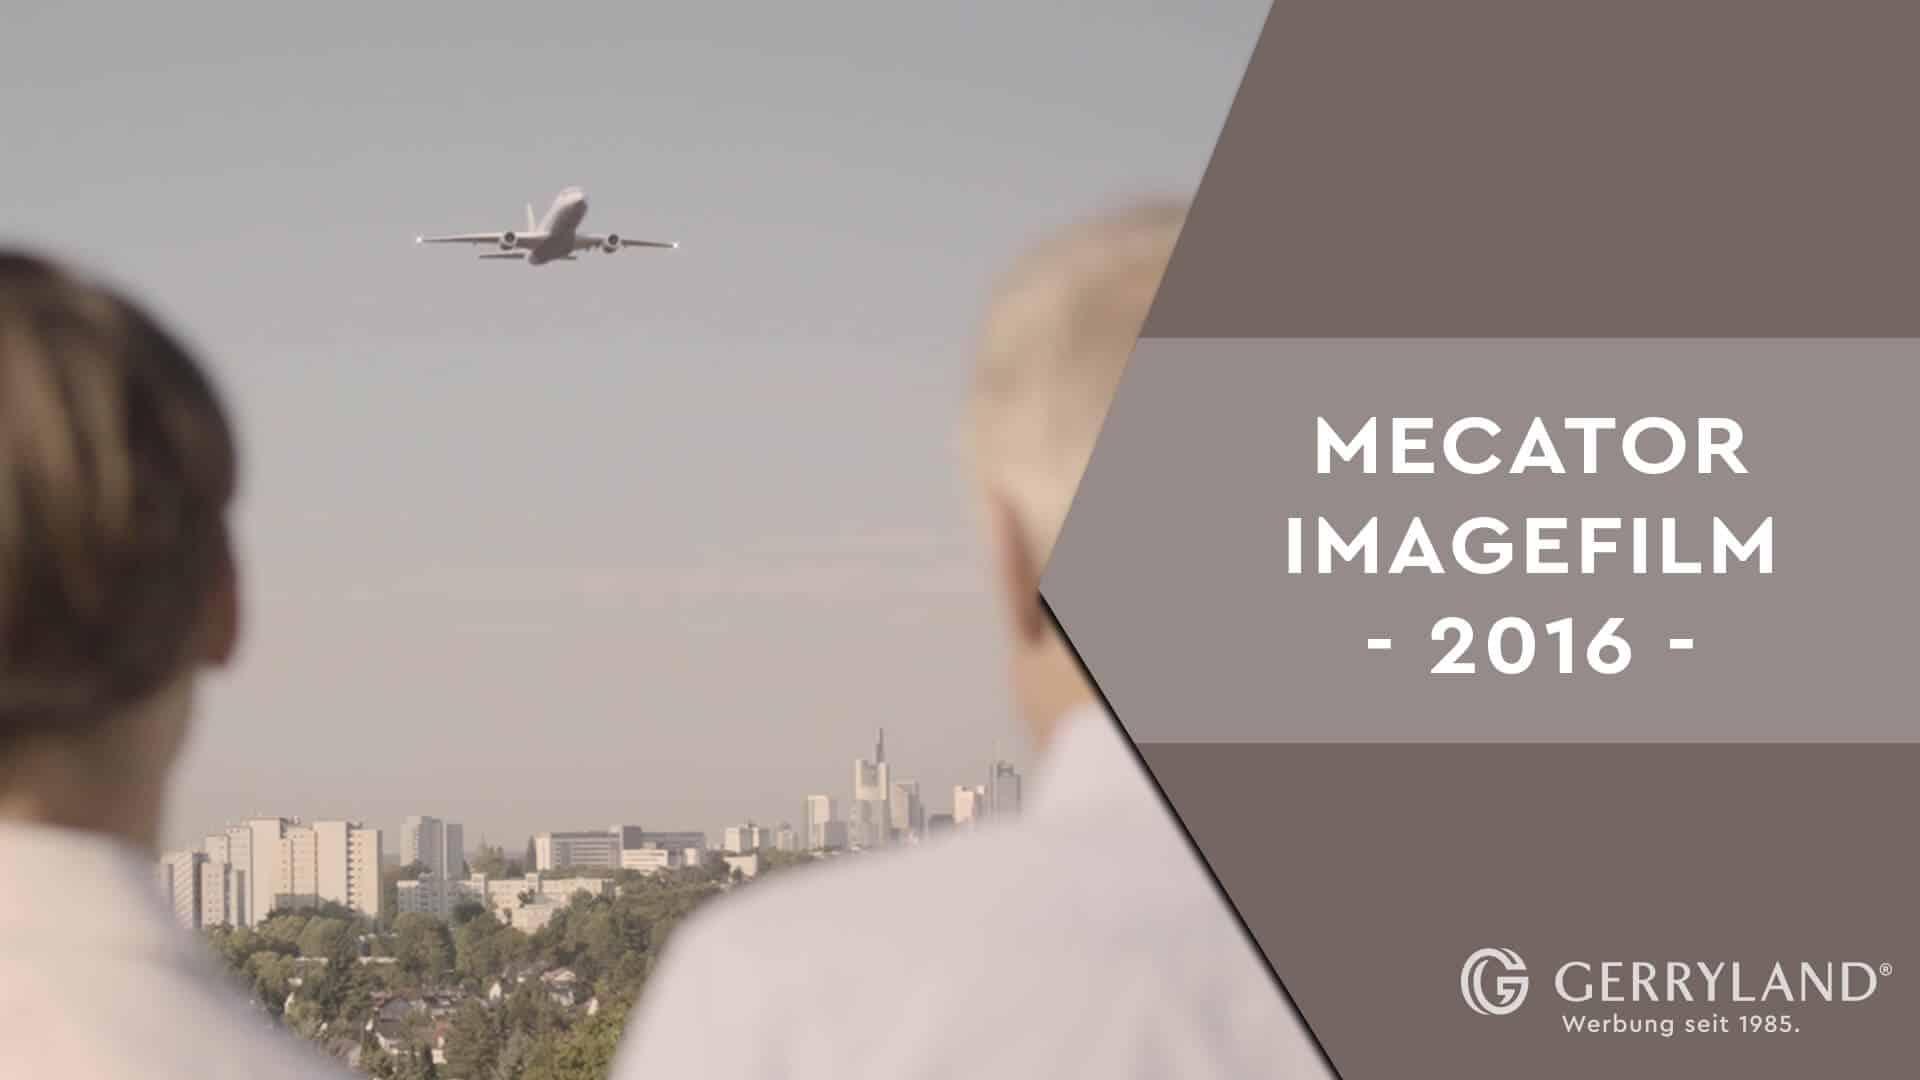 Gerryland-Youtube-Neukonzipierung-Mercator-Imagefilm-2016_thumb.jpg